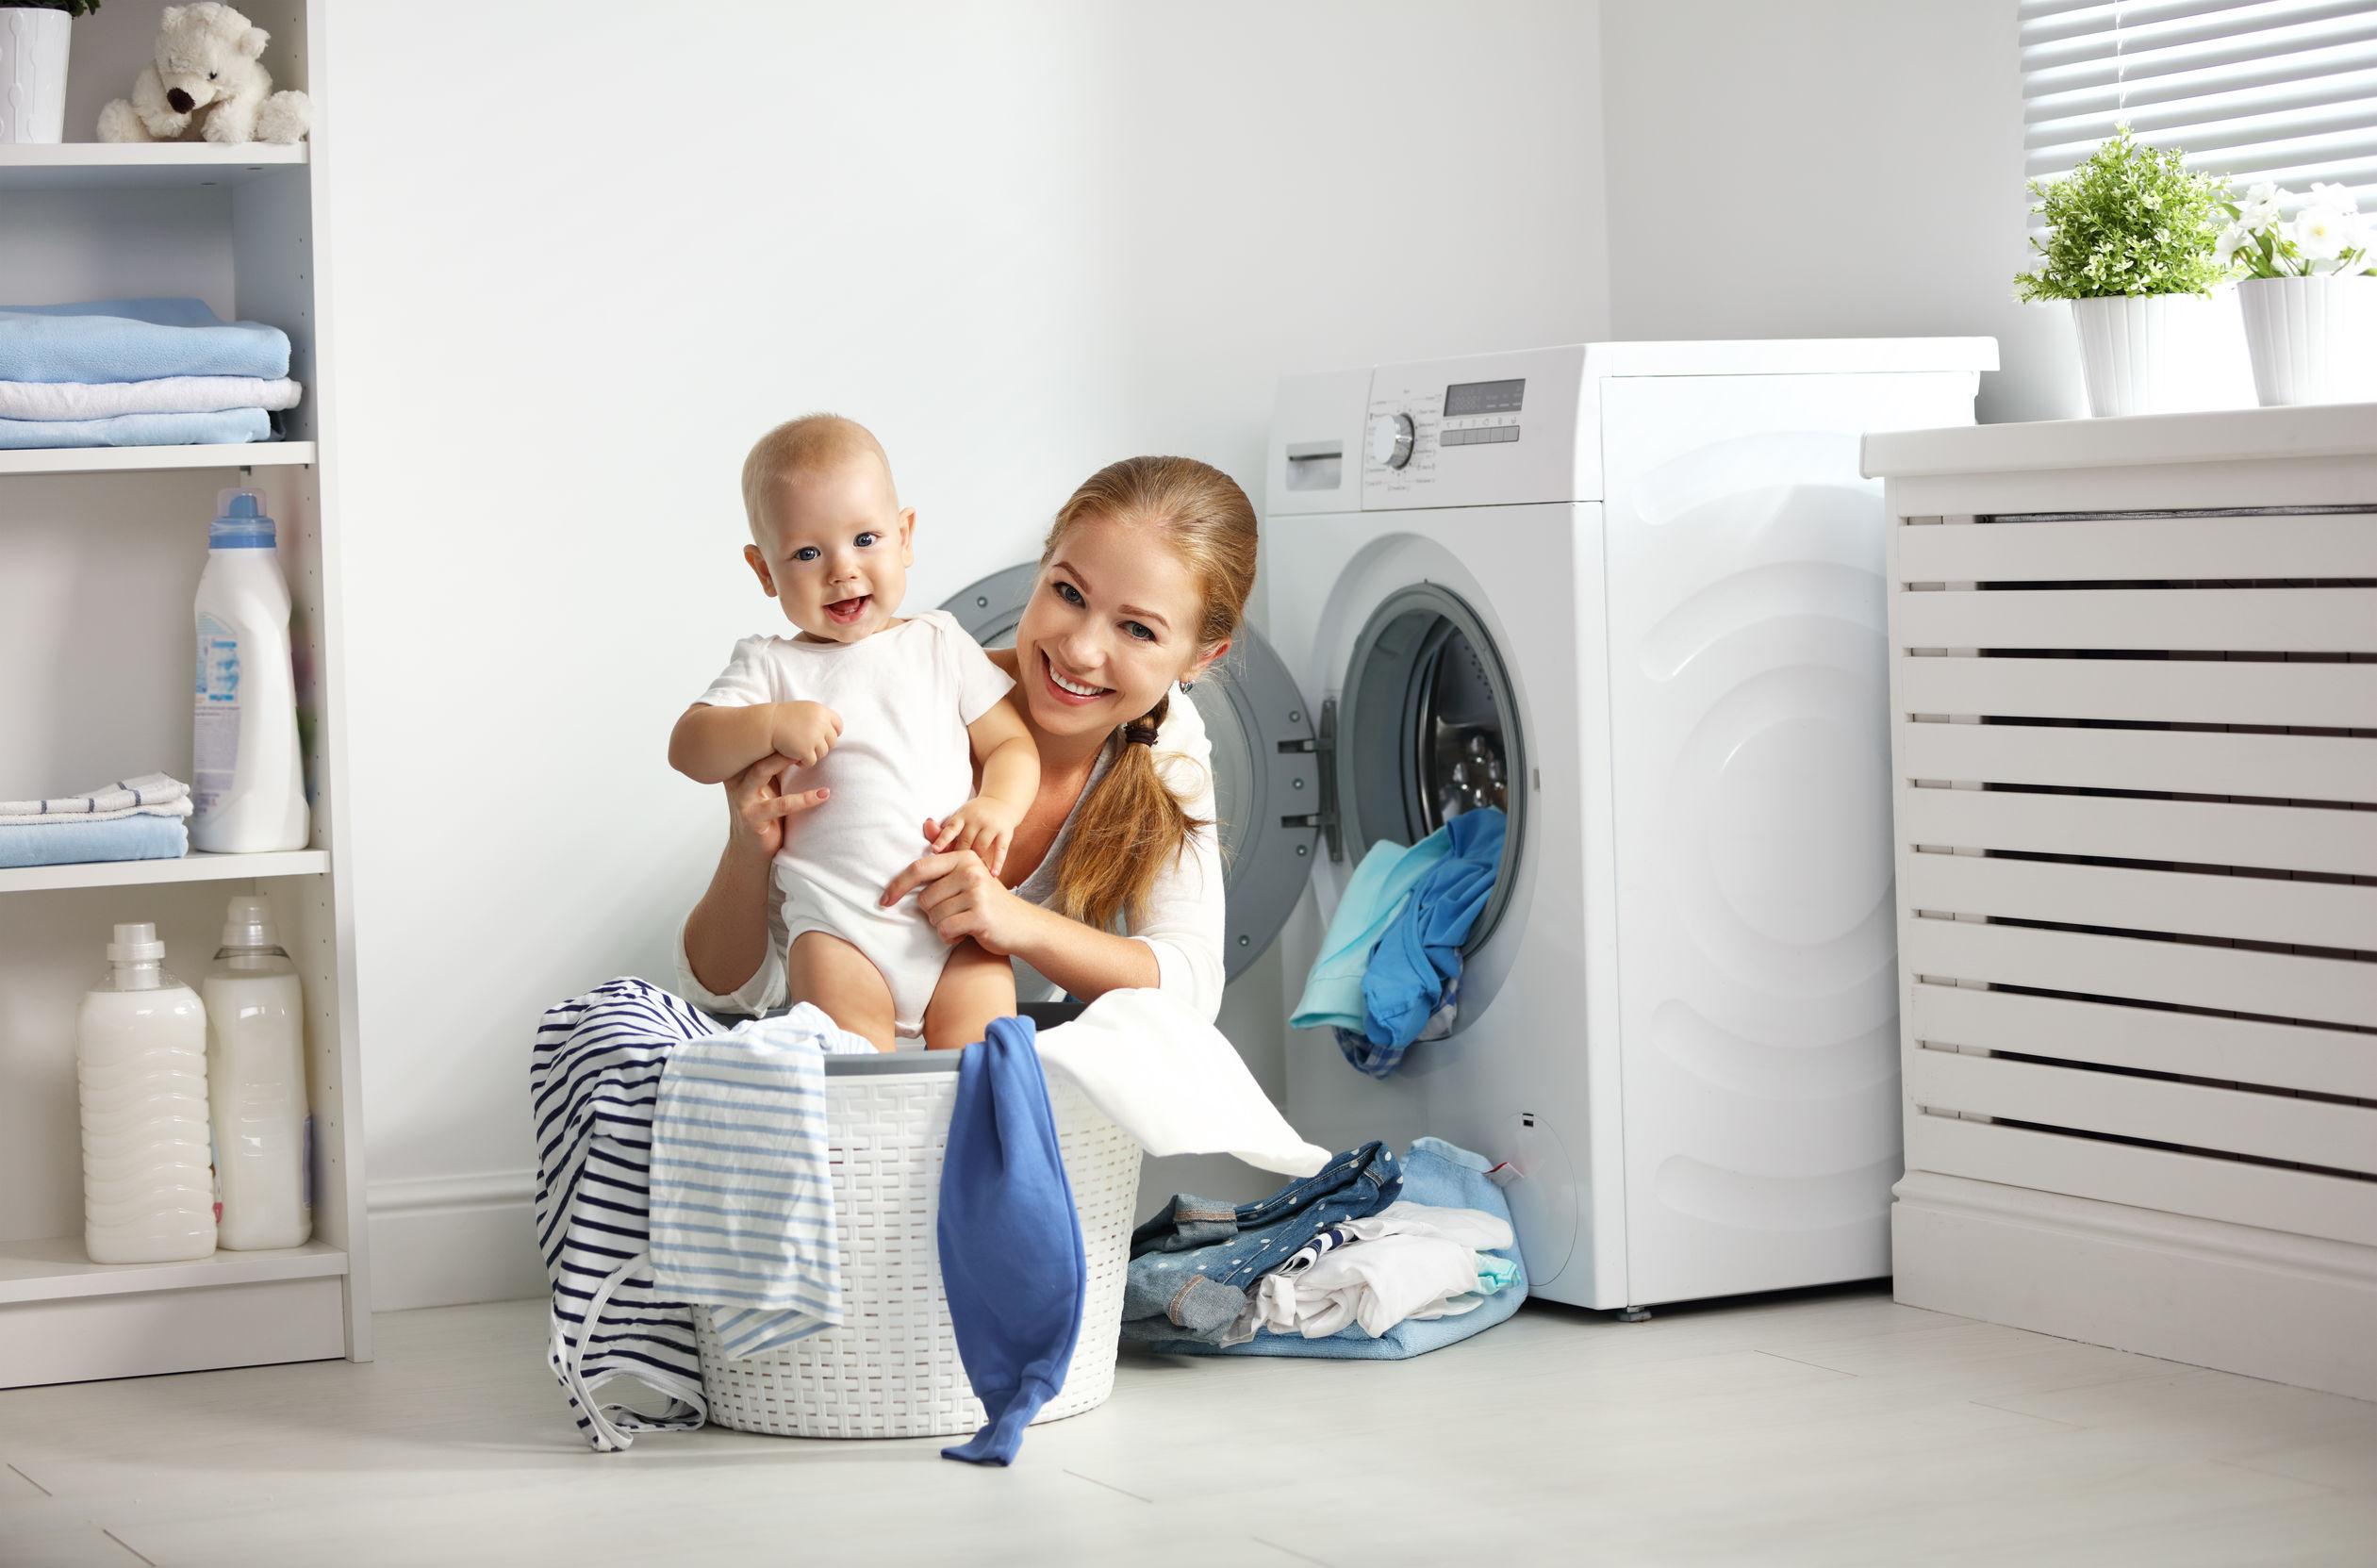 madre con bebe en lavandería